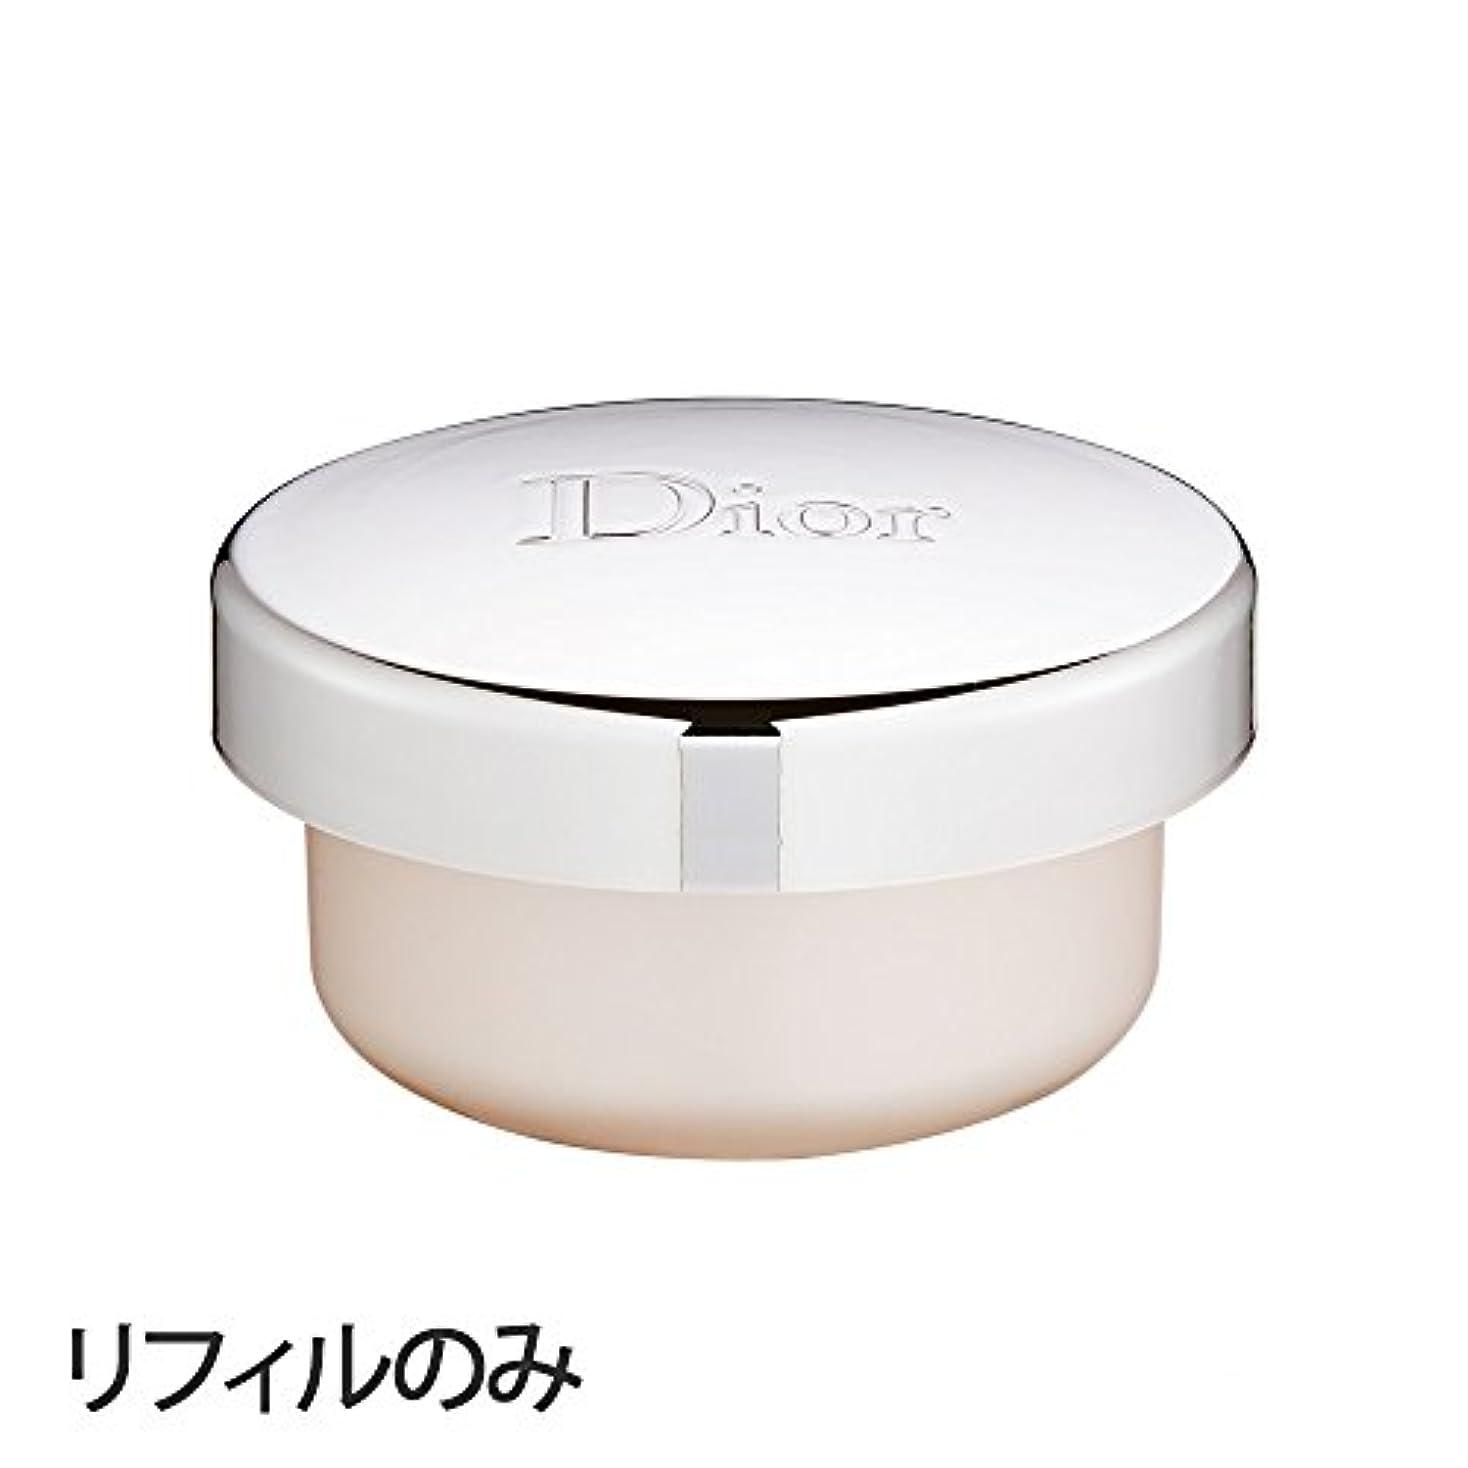 セールギャザー課すディオール(Dior) 【リフォルのみ】カプチュール トータル クリーム [並行輸入品]